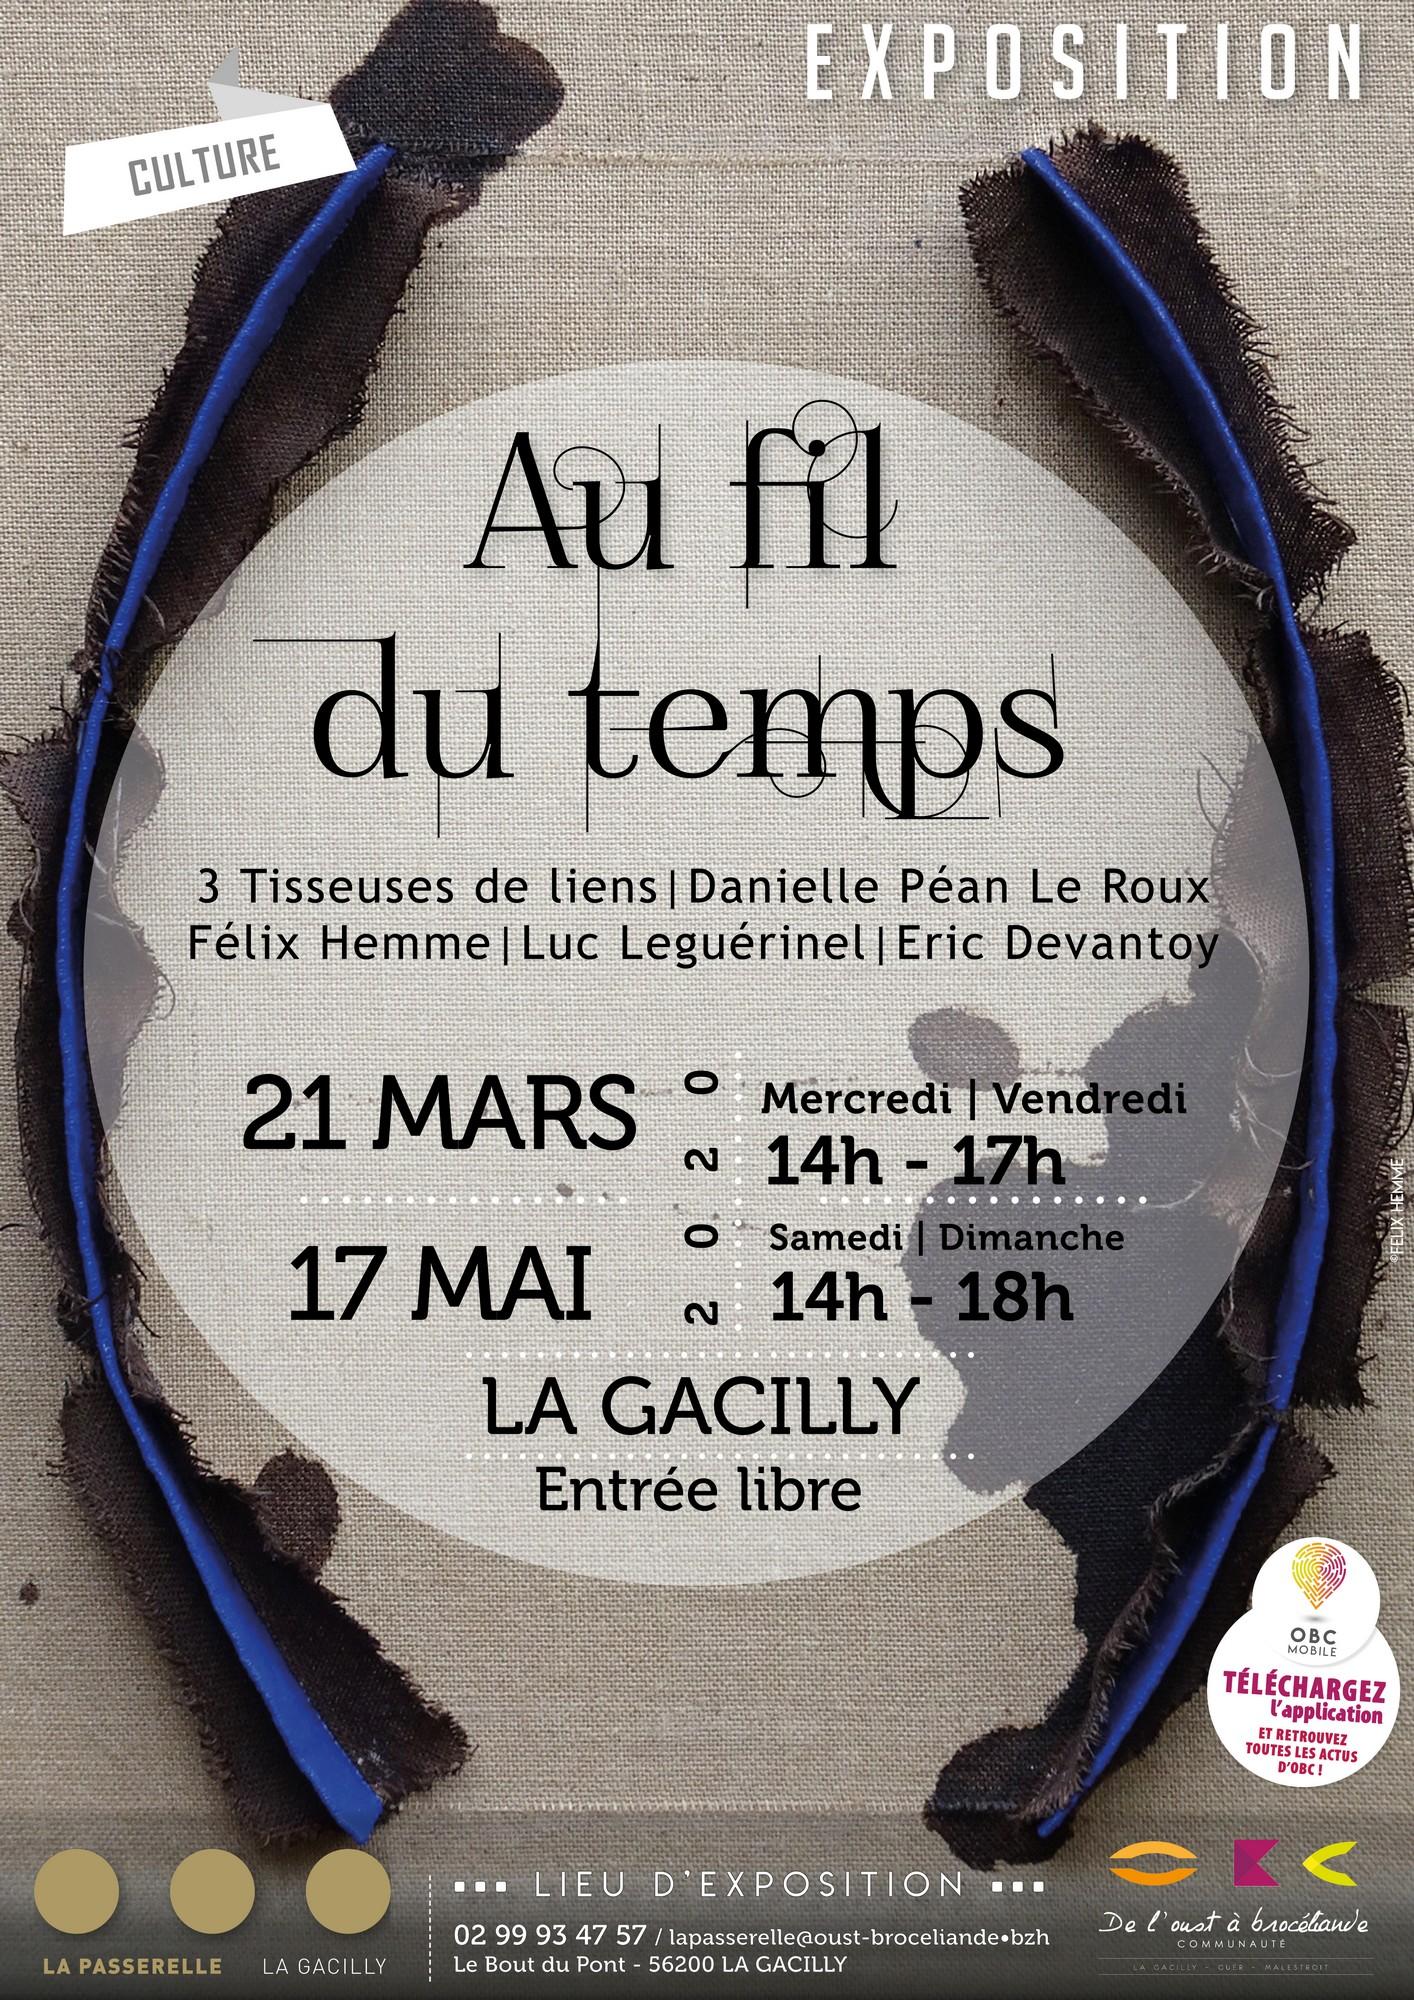 Affiche de l'exposition au fil du temps qui débute le 21 mars à la passerelle à La Gacilly